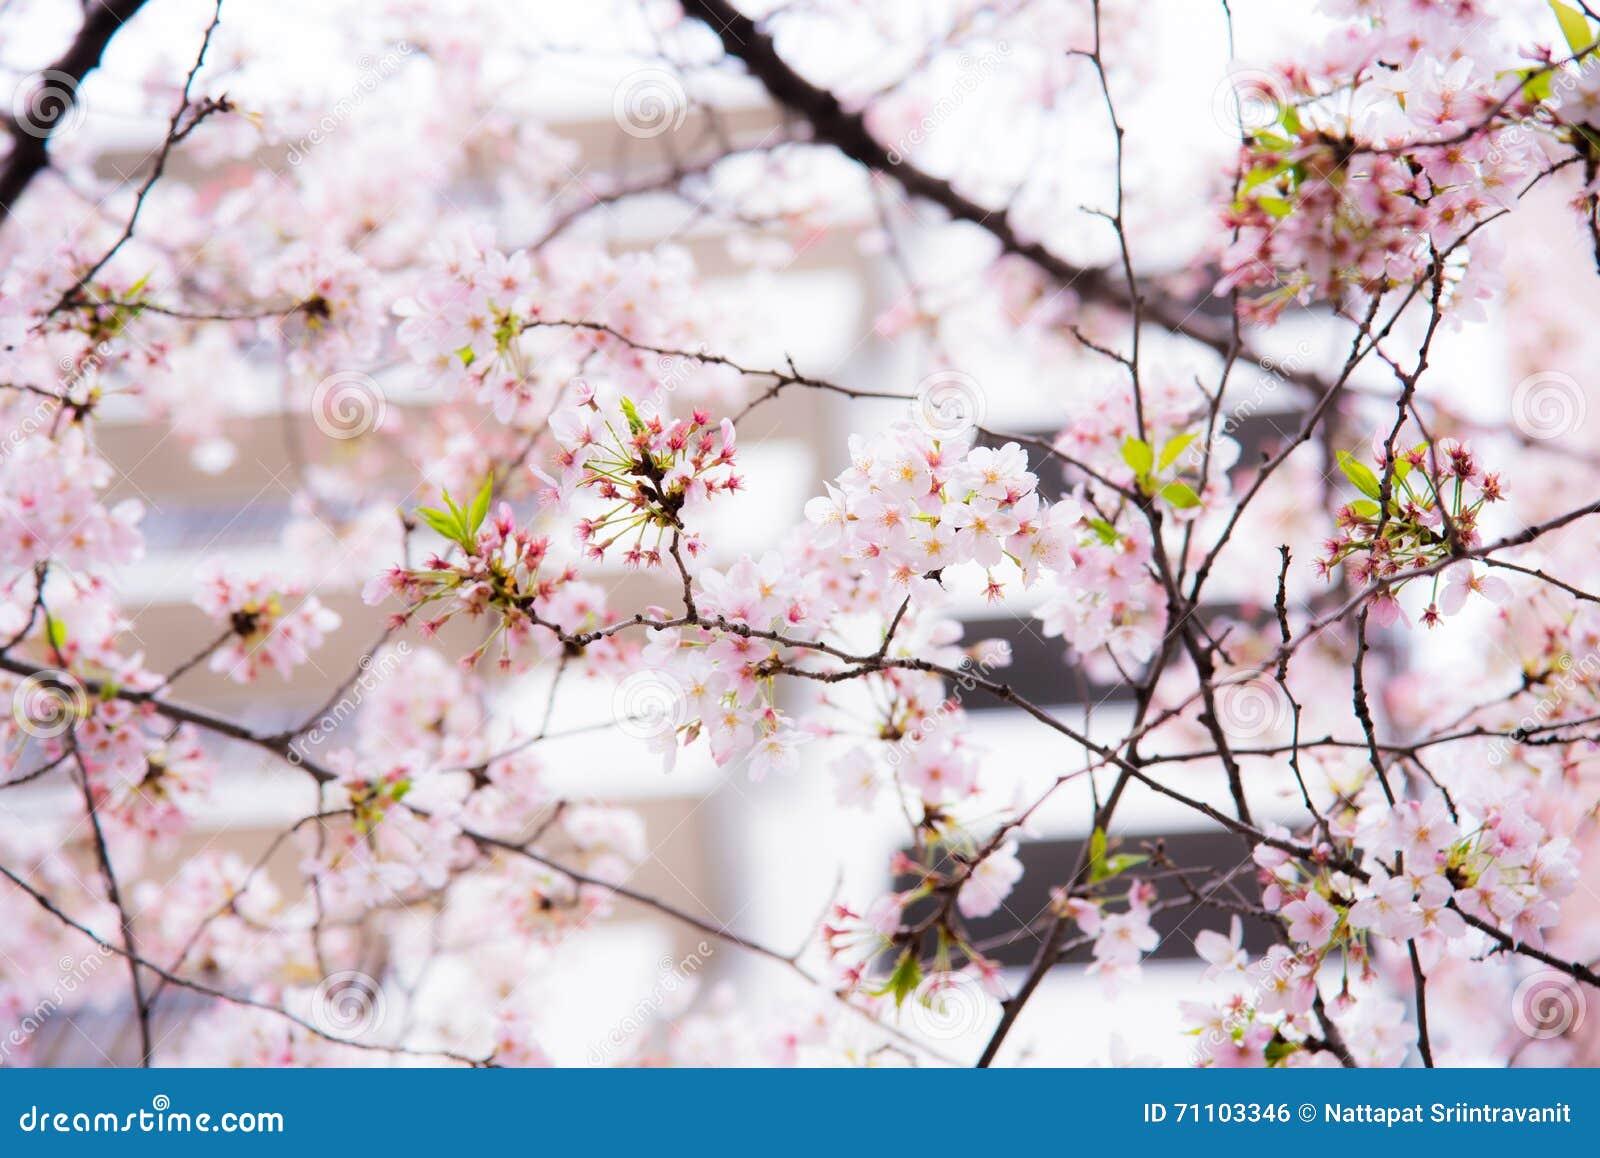 Картинки японской весны